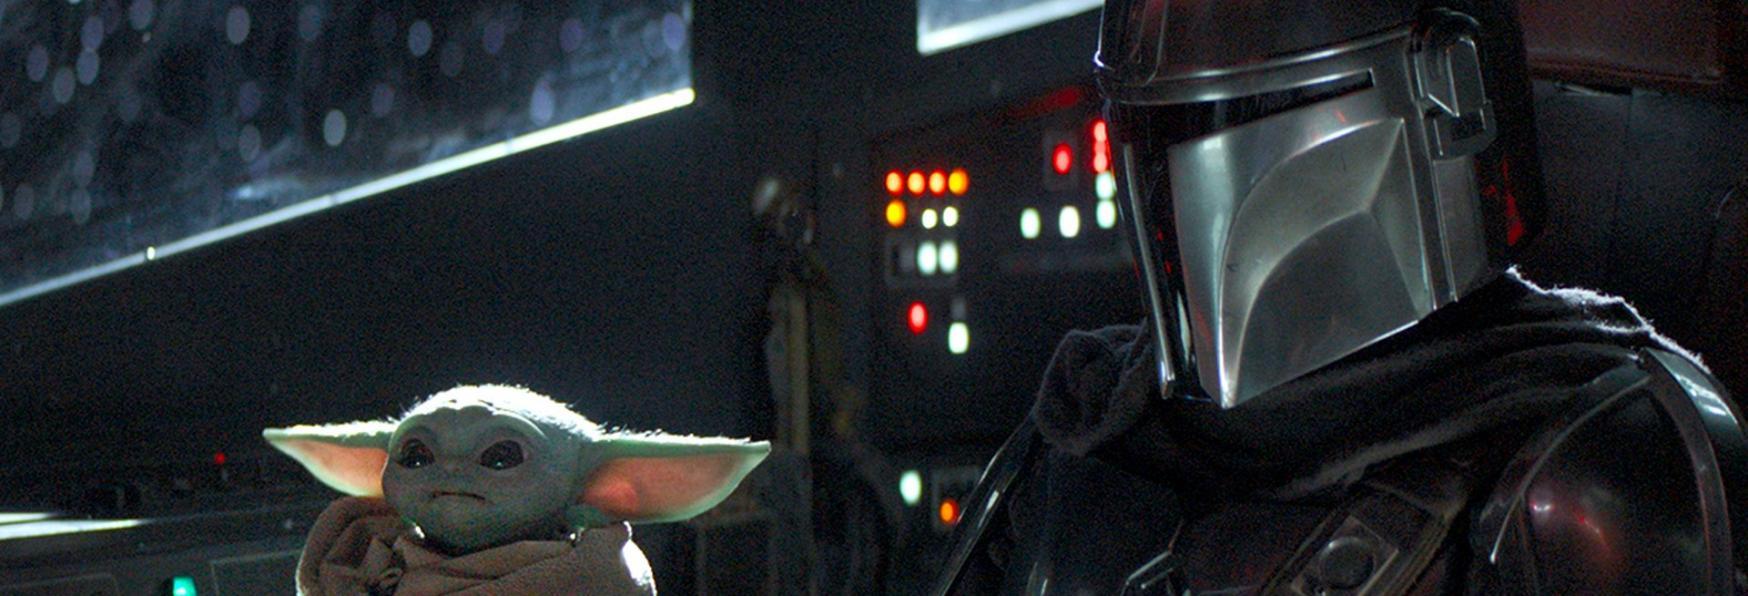 The Mandalorian 2: un Rumor sul Ritorno di un Personaggio della Trilogia Originale